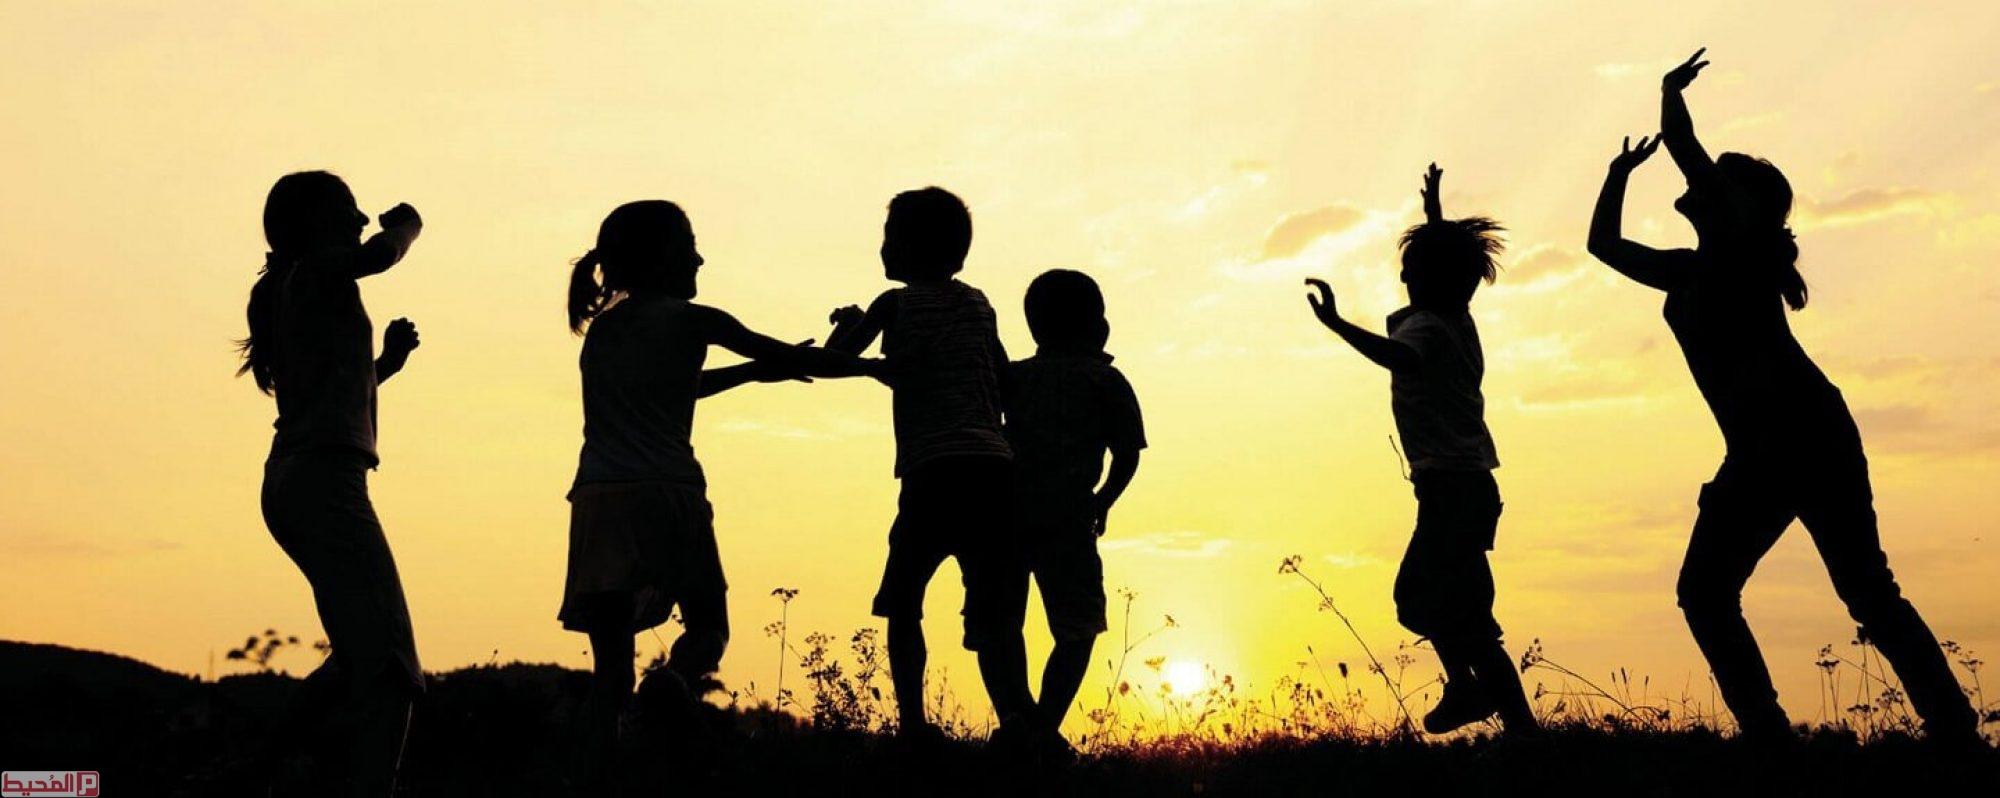 أجمل ما قرأت عن الطفولة عبارات جميلة للطفل بمناسبة اليوم العالمي للطفولة